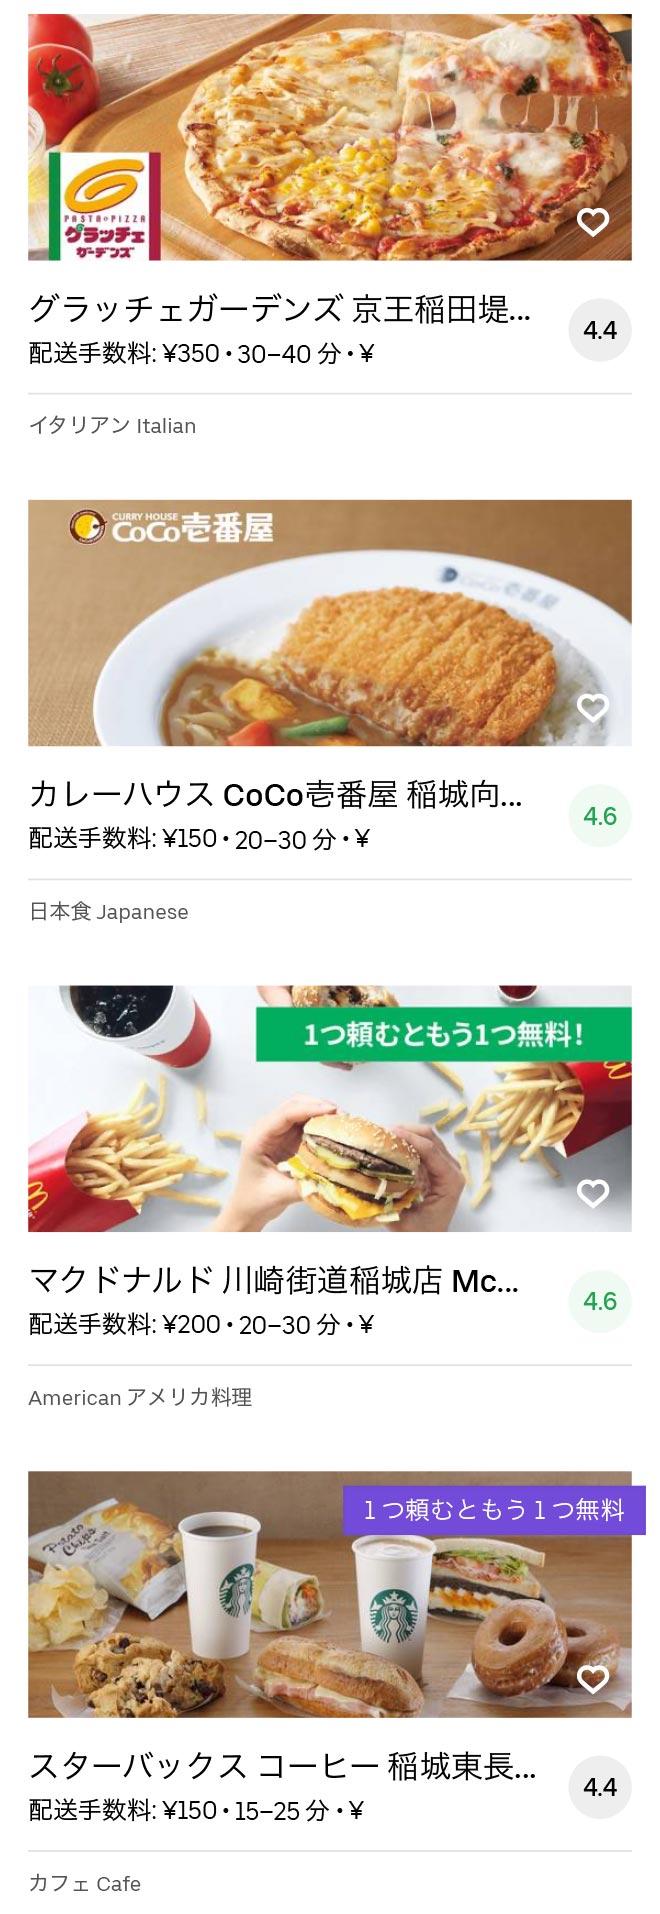 Inagi menu 2007 11